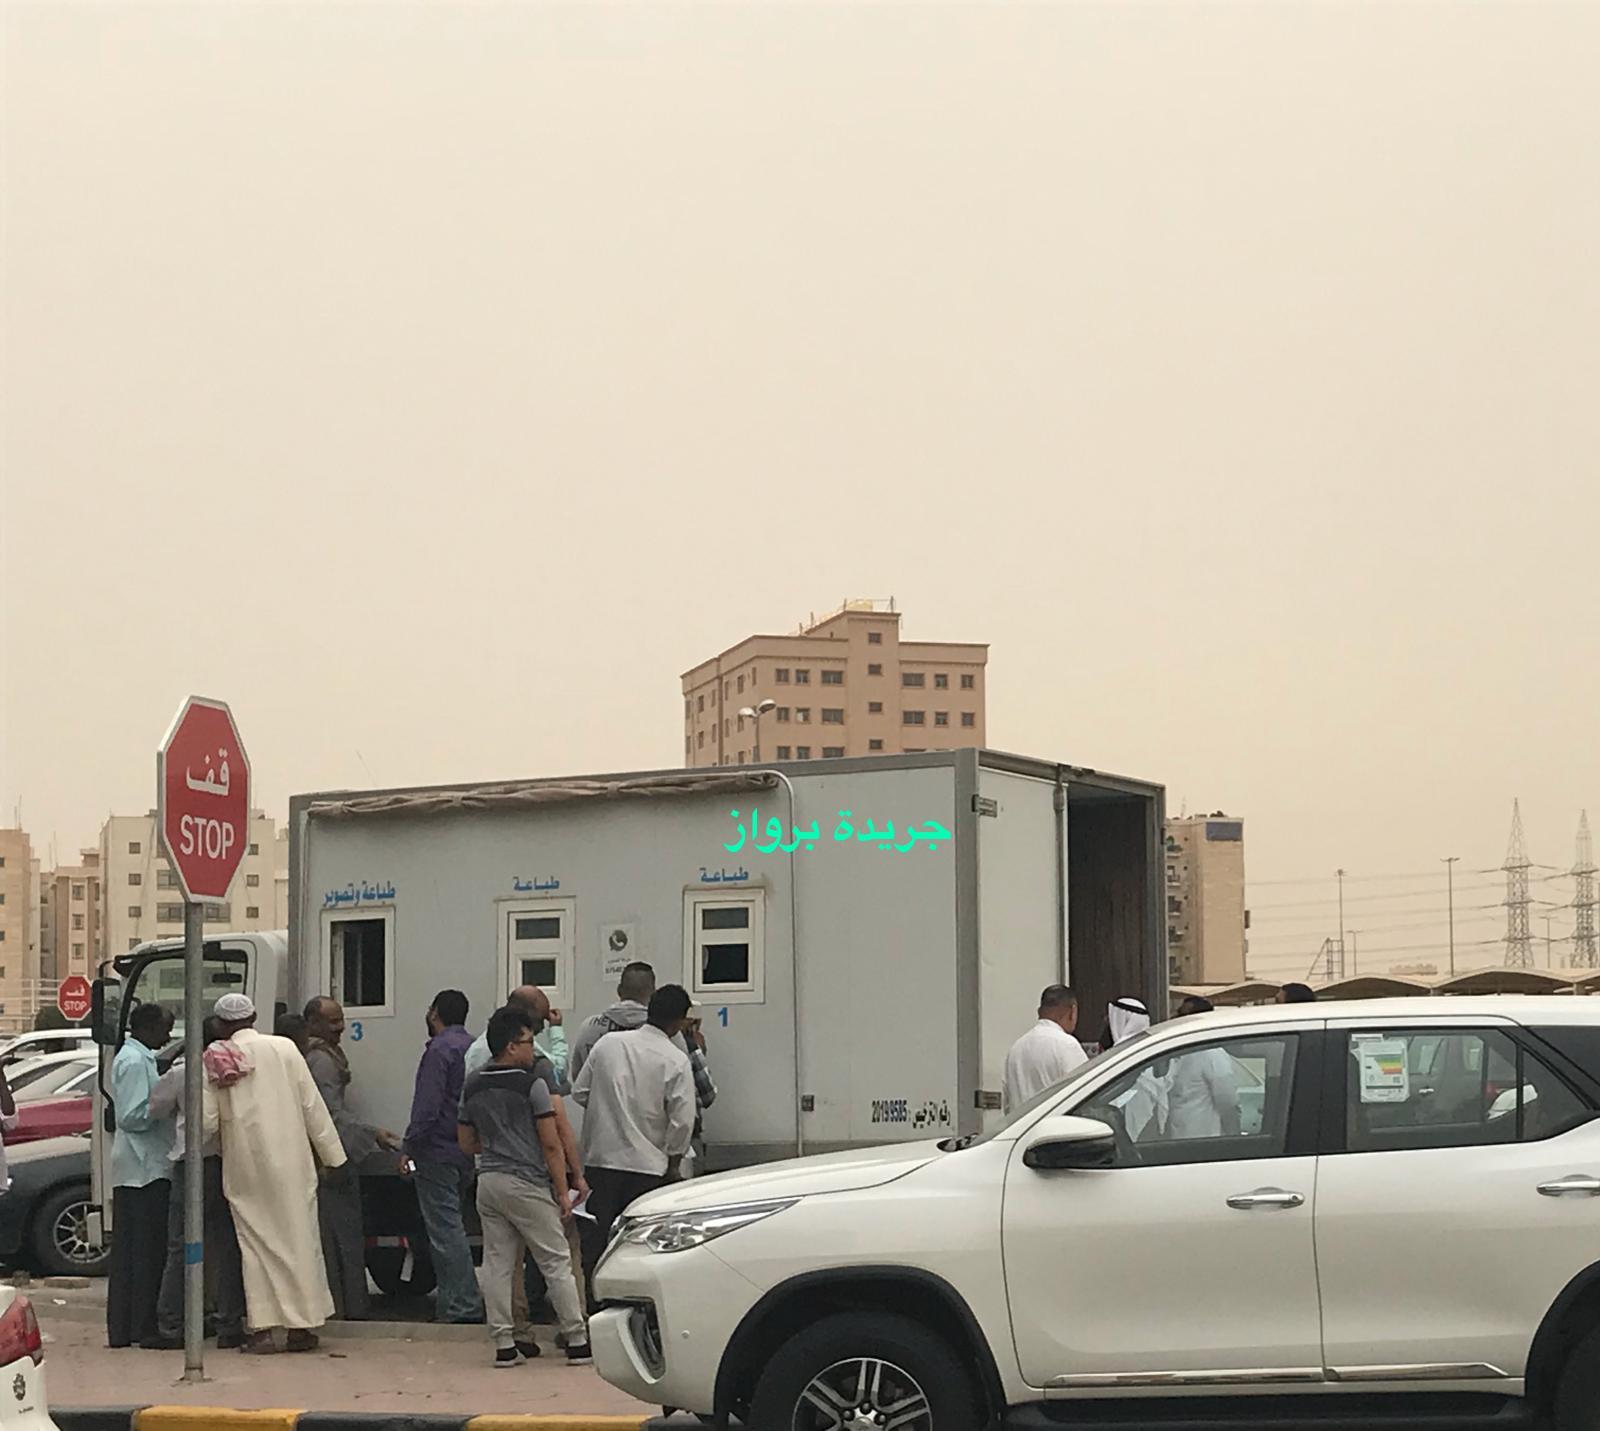 كيربي تصوير - شبرة - كيربي - للطباعه والتصوير منظر غير حضاري في الكويت